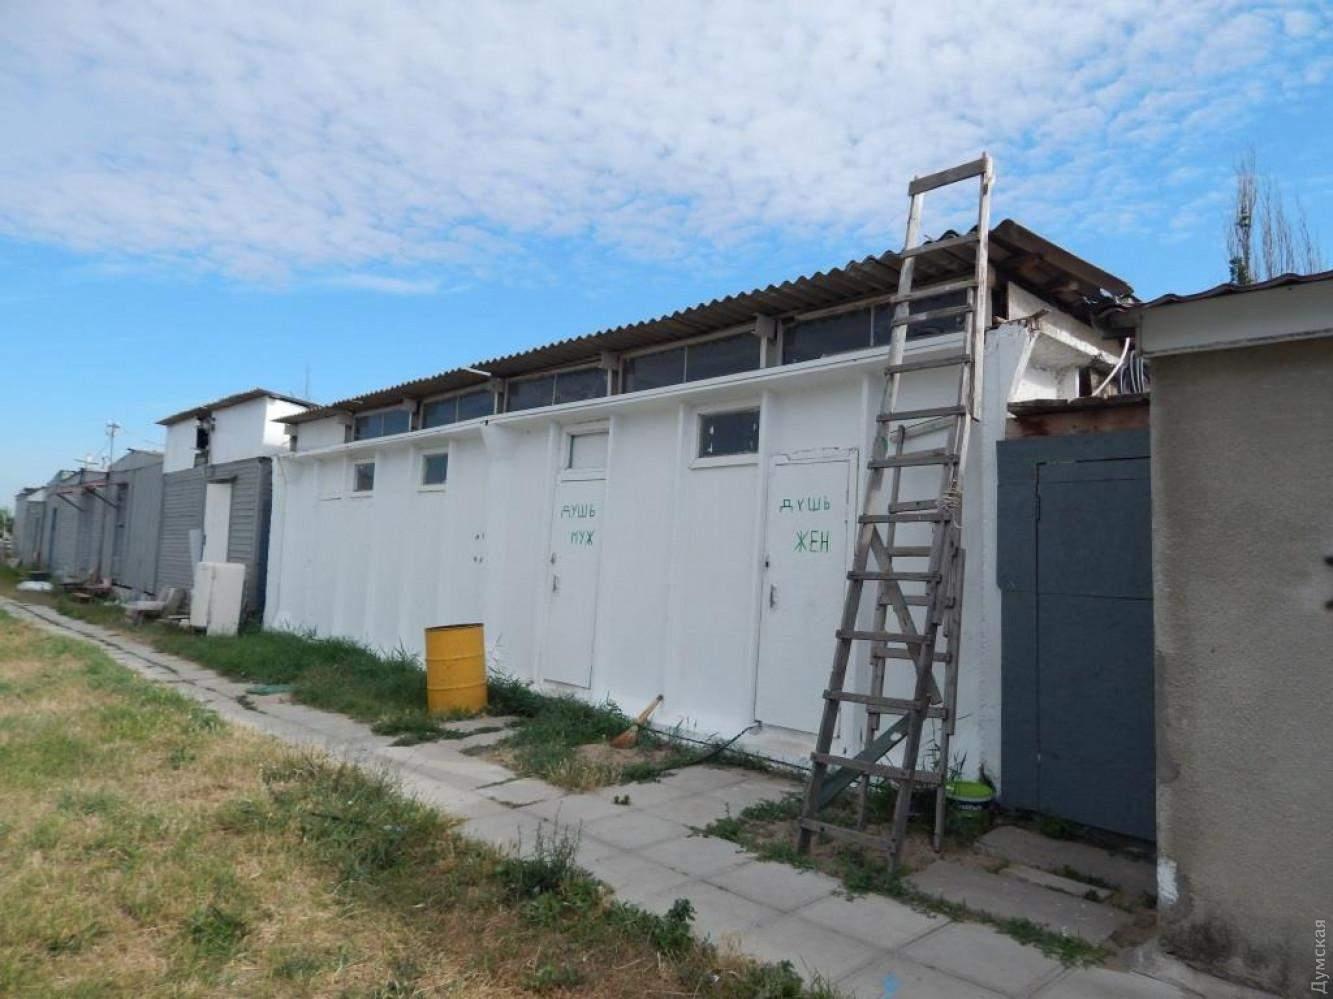 Туалет за 300 тисяч Одеса 2 серпня 2021 Одеська міськрада